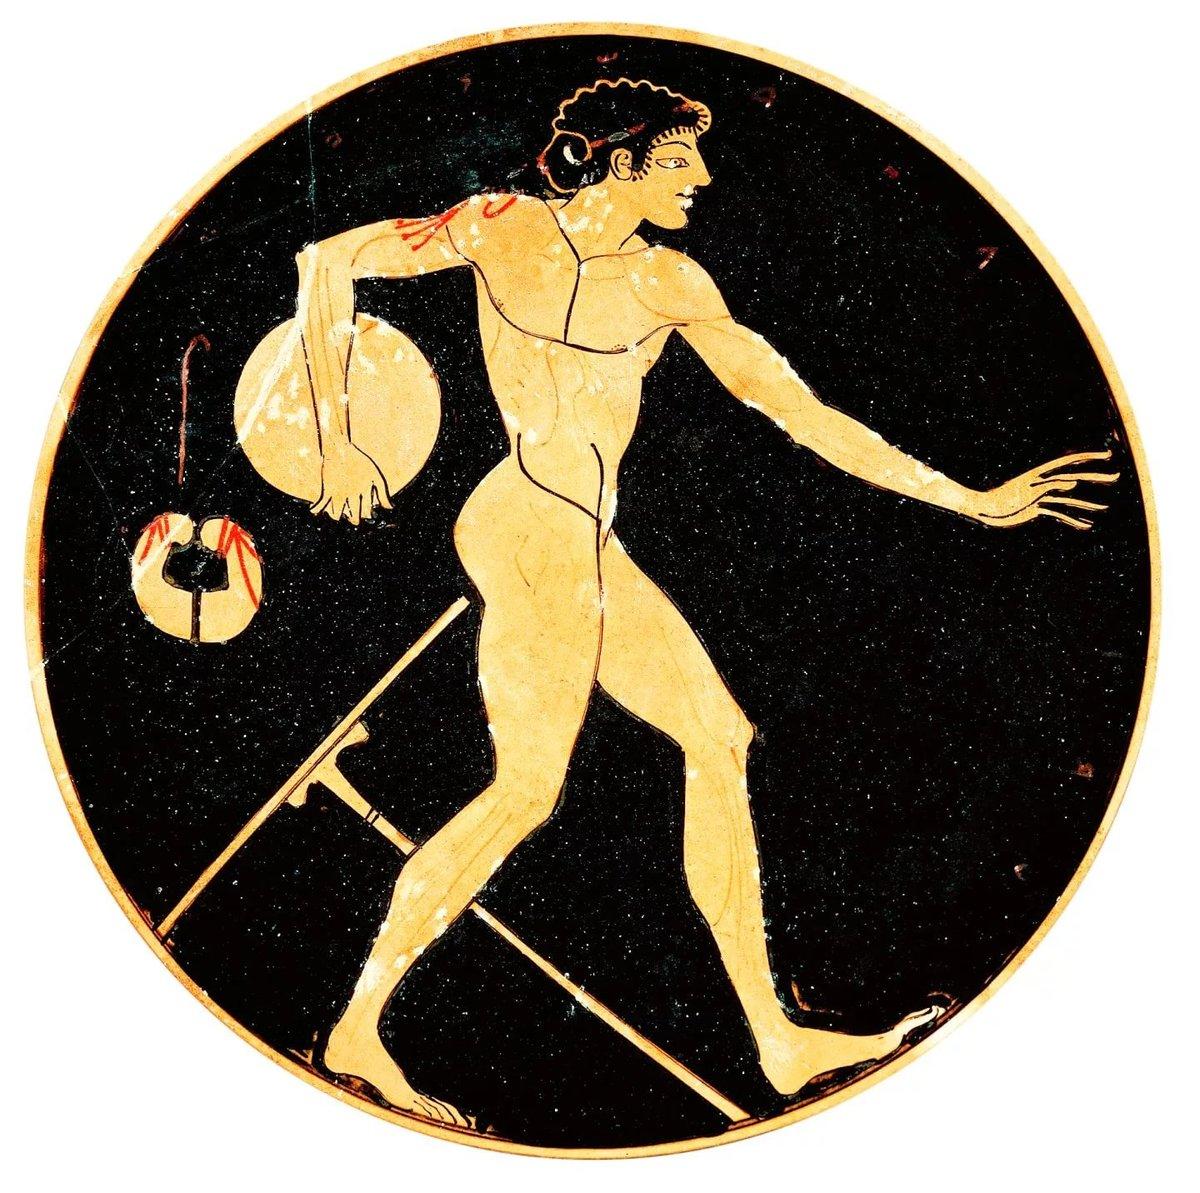 Картинки чемпионов древней греции